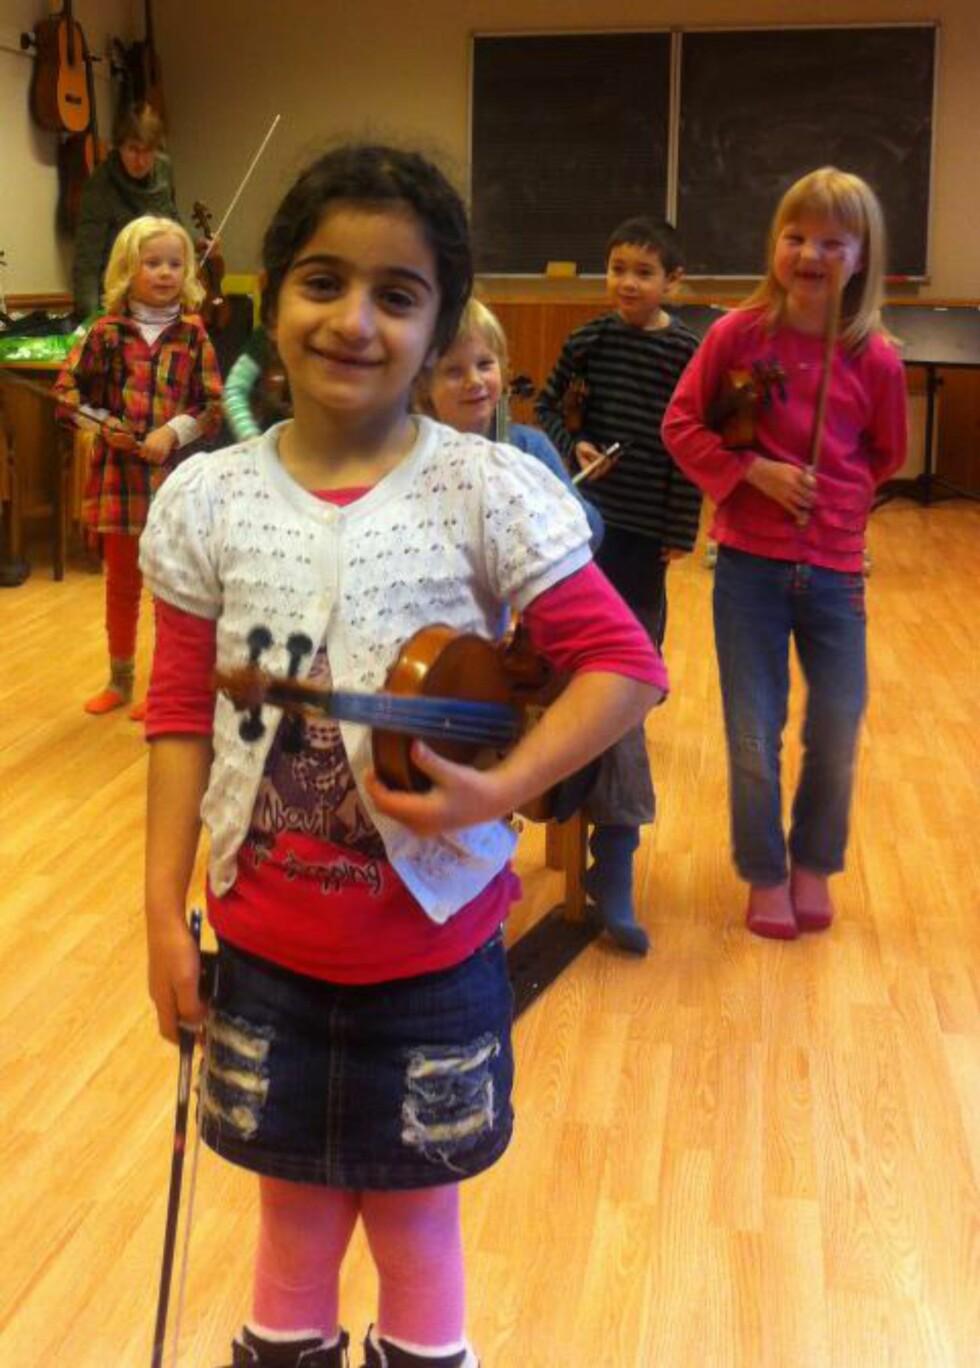 AKTIV JENTE:  Nawjin (8) spiller fiolin på kulturskolen i Haugesund og blir av UNE omtalt som et godt integrert barn. Likevel vil nemda sende henne til Iran, et land hun aldri har vært i. Foto: Privat